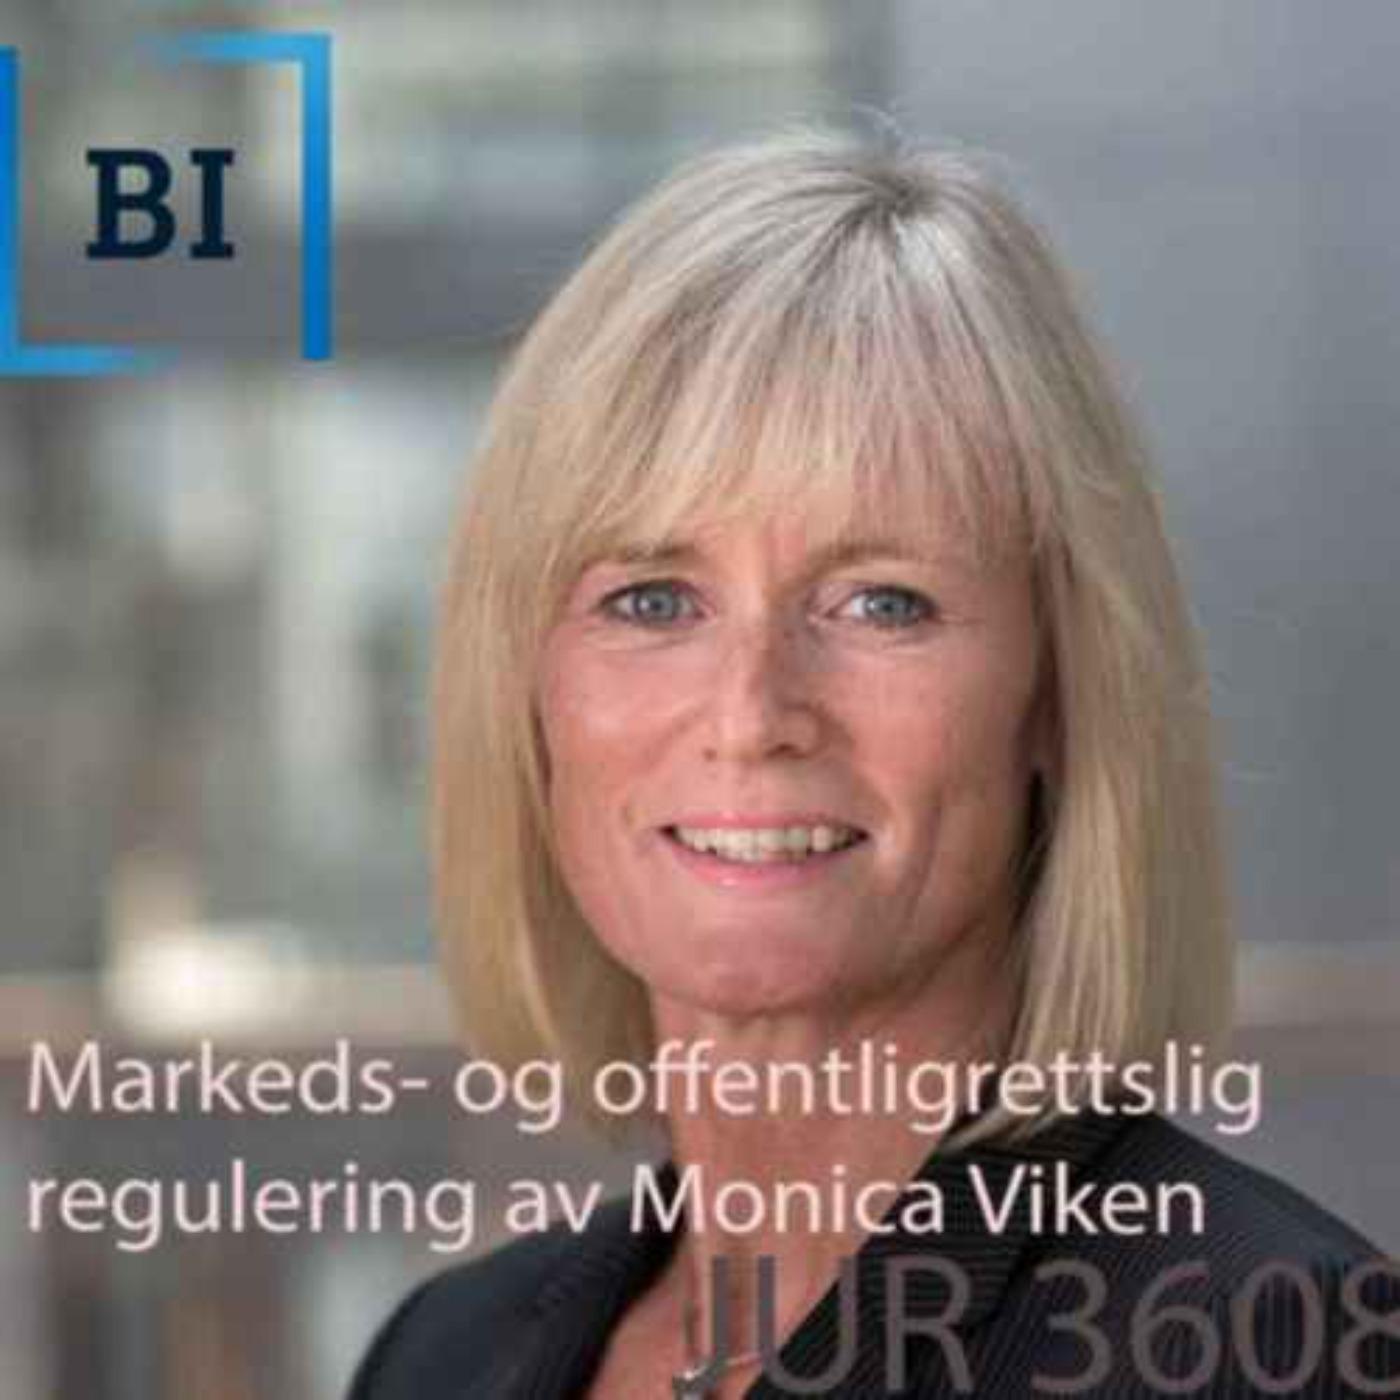 Markeds- og offentligretslig regulering med Morten Grandal